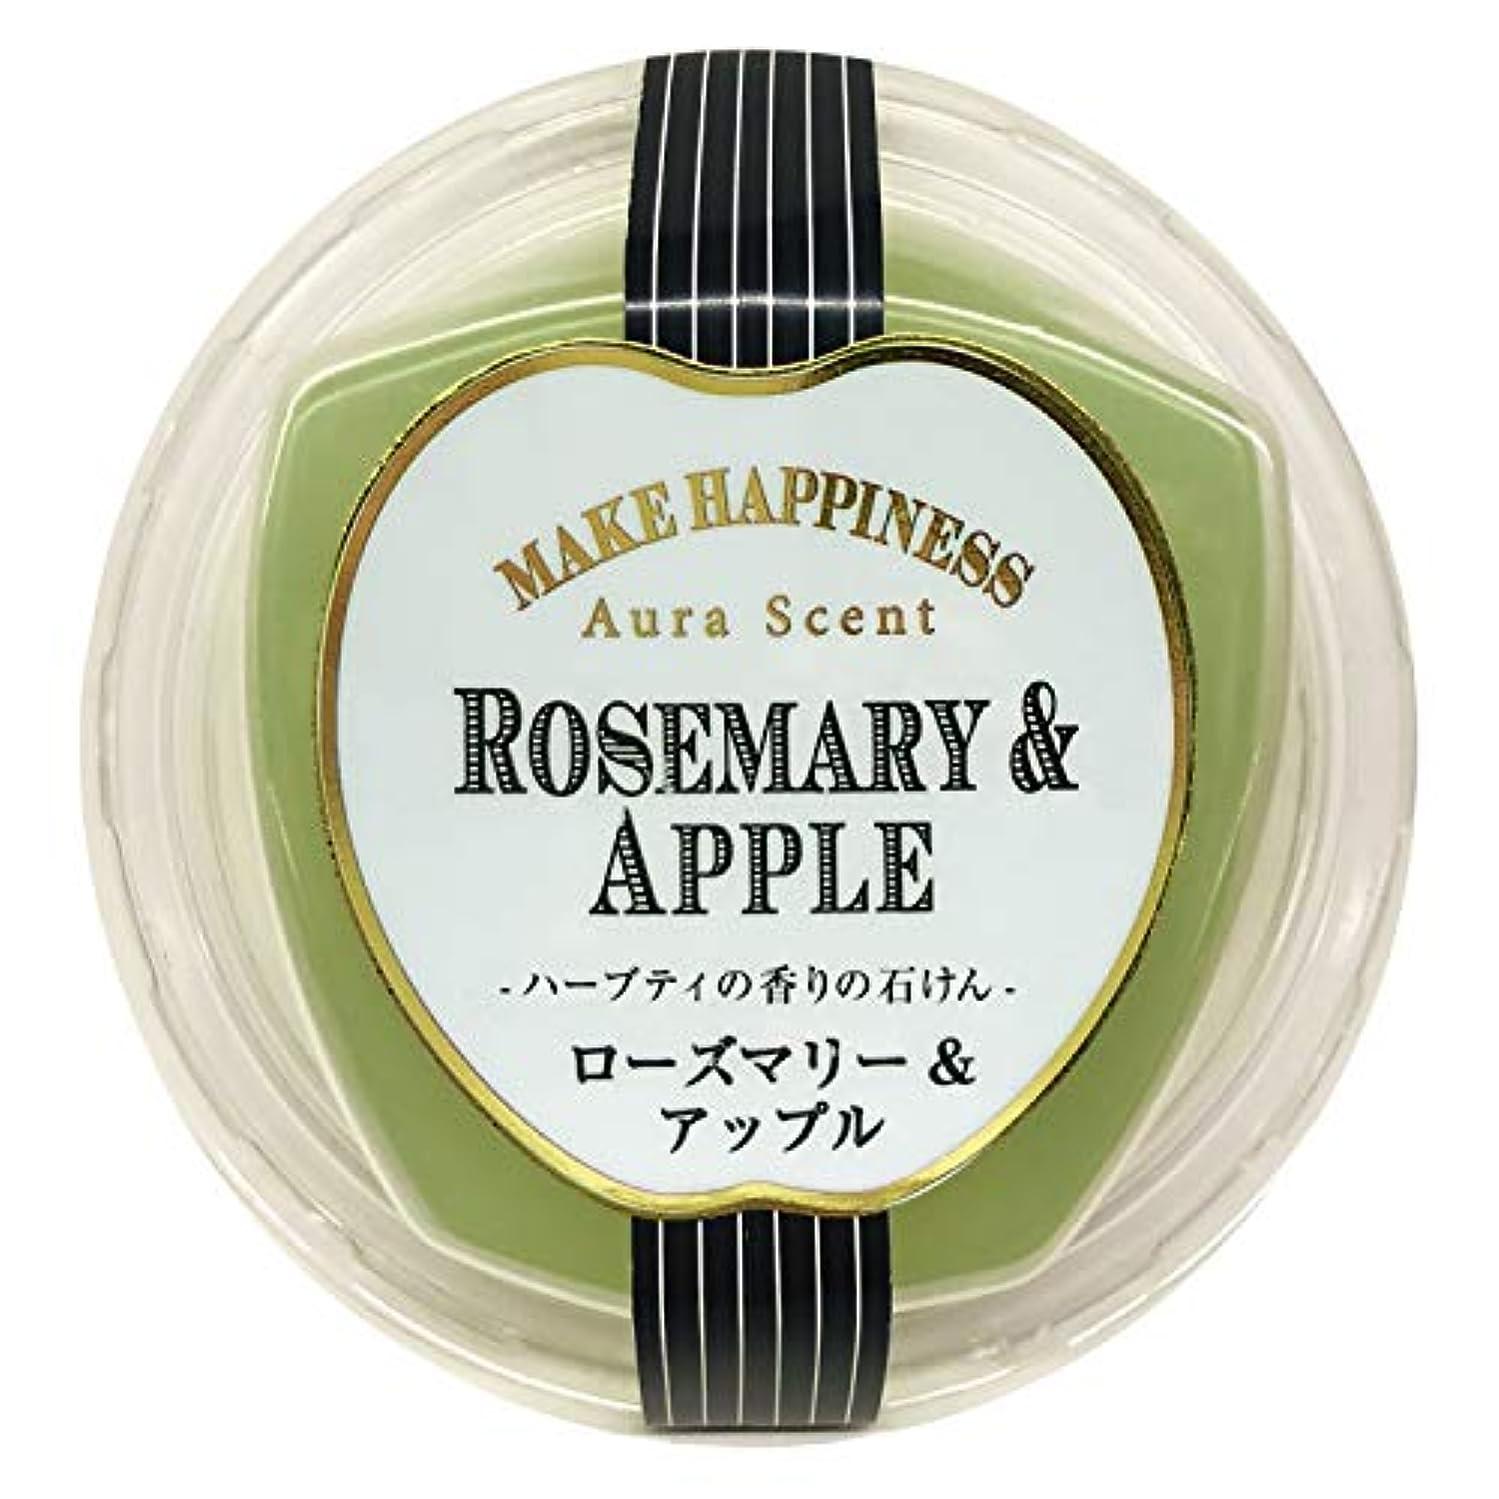 アパート栄養取り戻すペリカン石鹸 オーラセント クリアソープローズマリー&アップル 75g